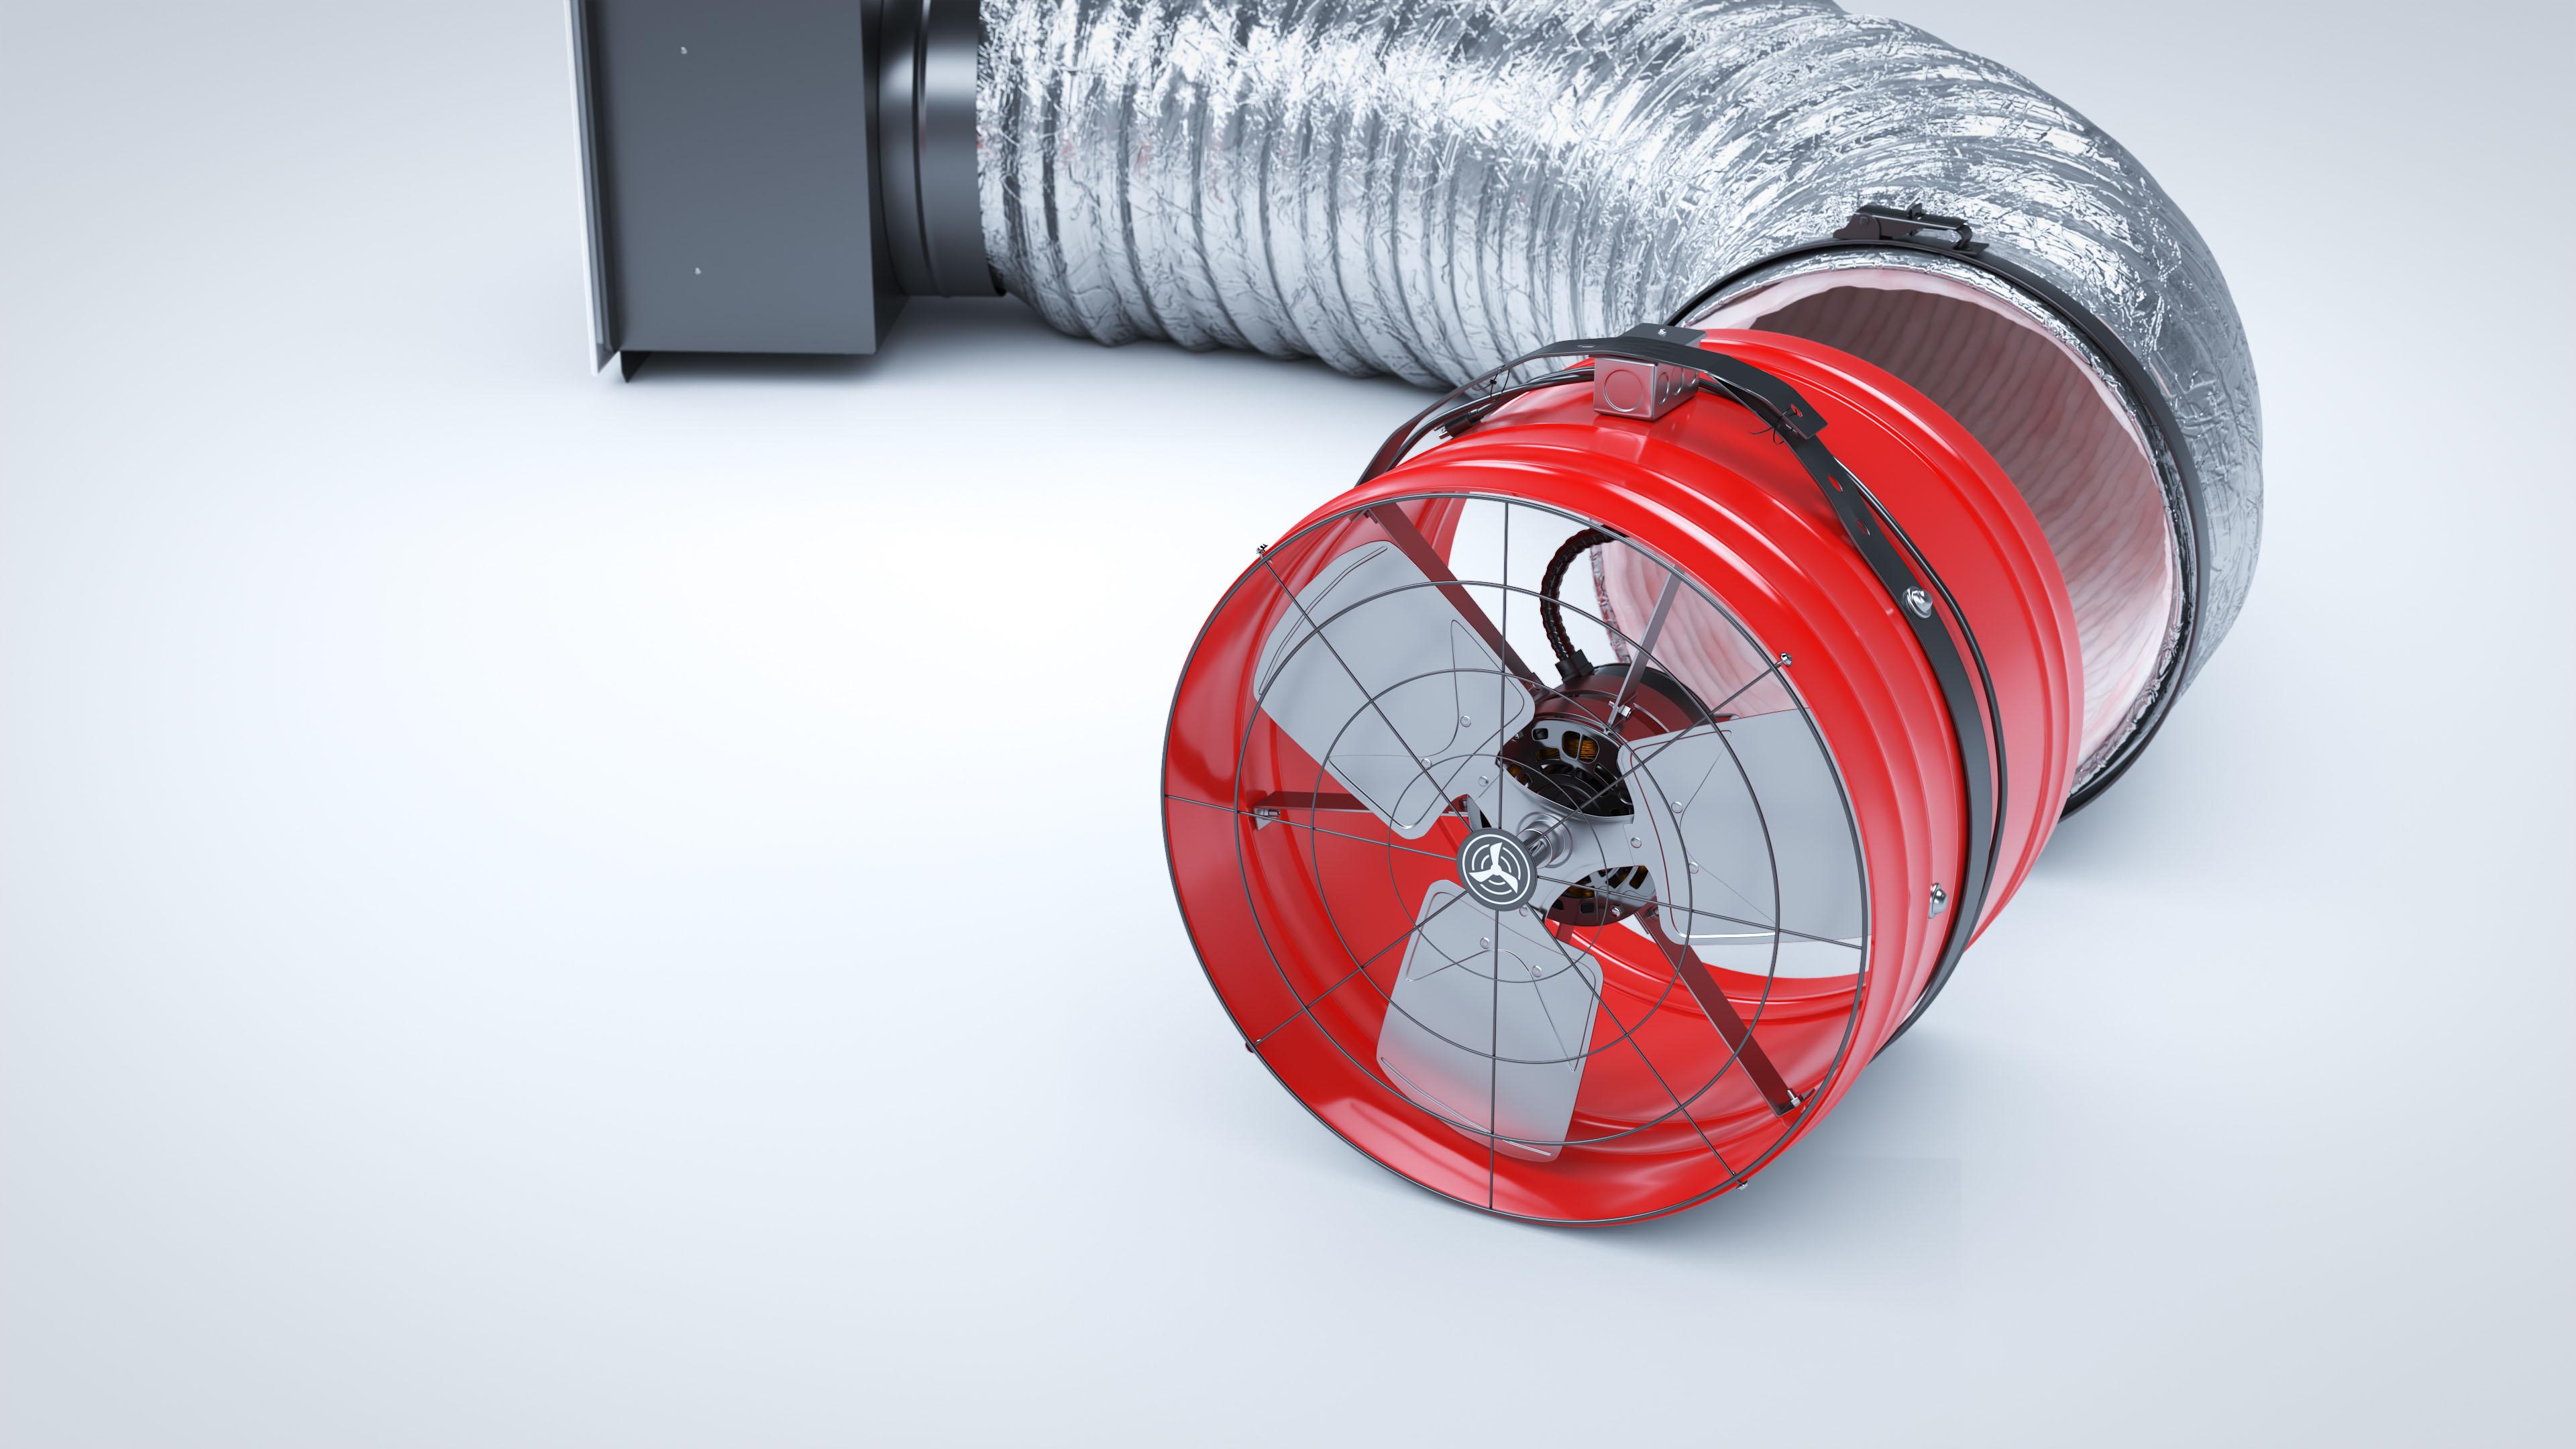 Whole House Fan System motor head break-apart